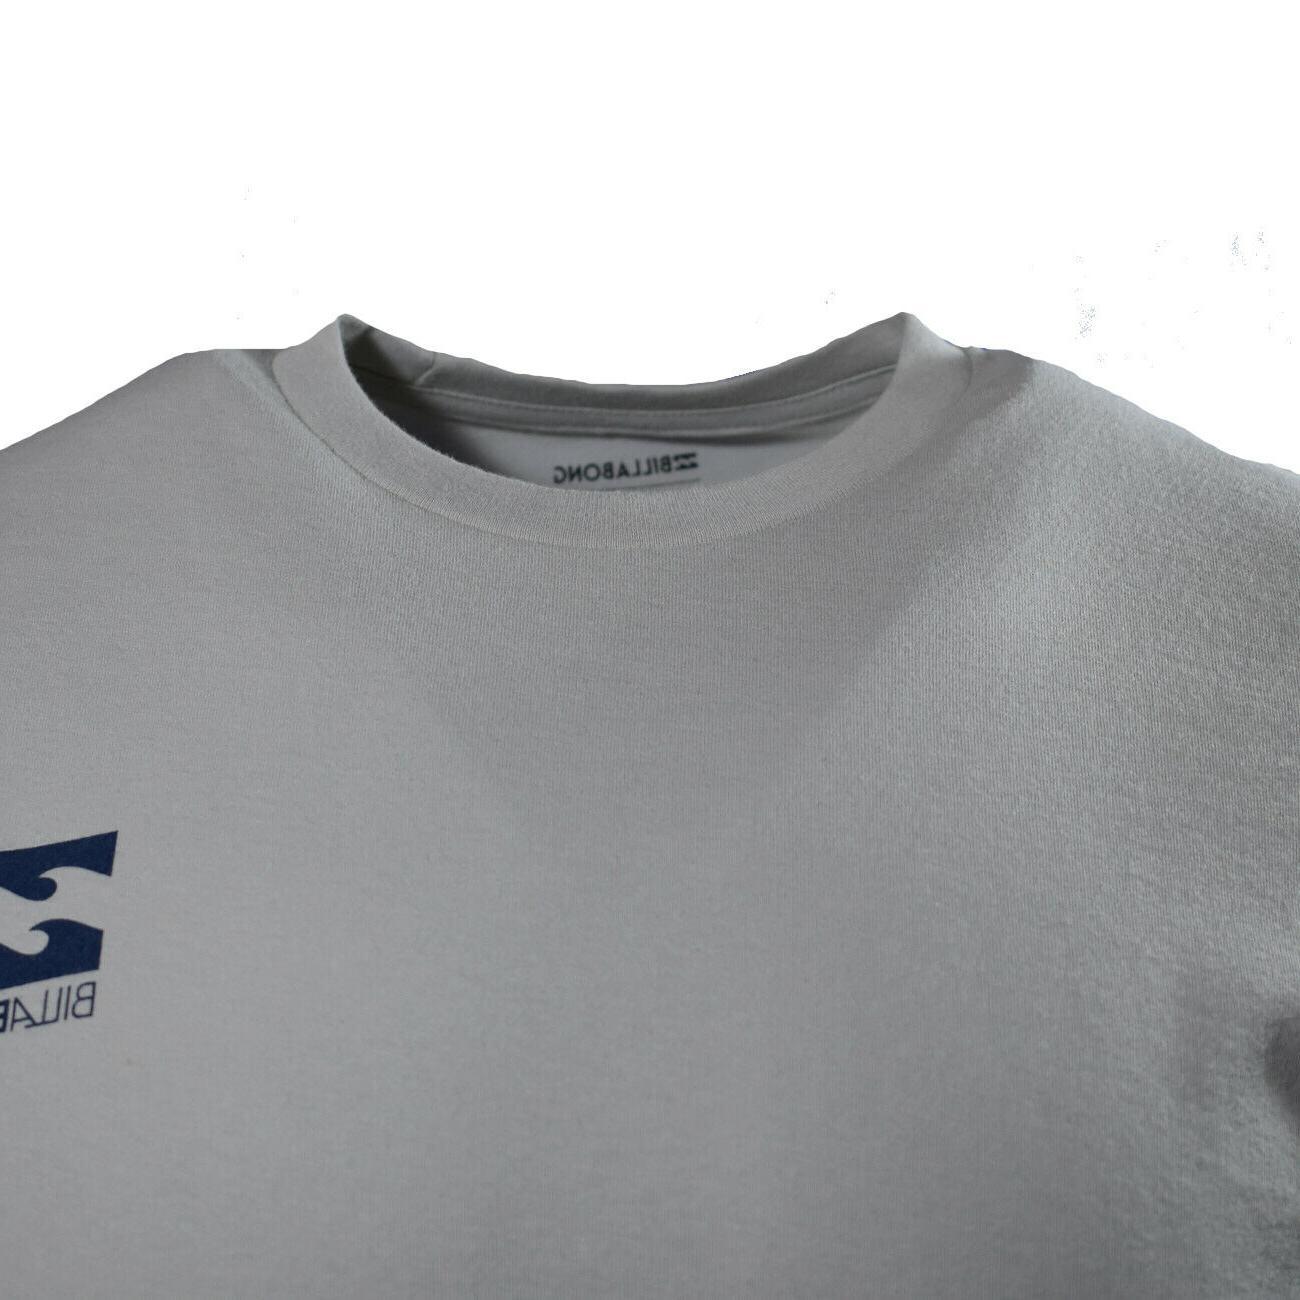 BILLABONG t-shirt Skateboard Reg NEW